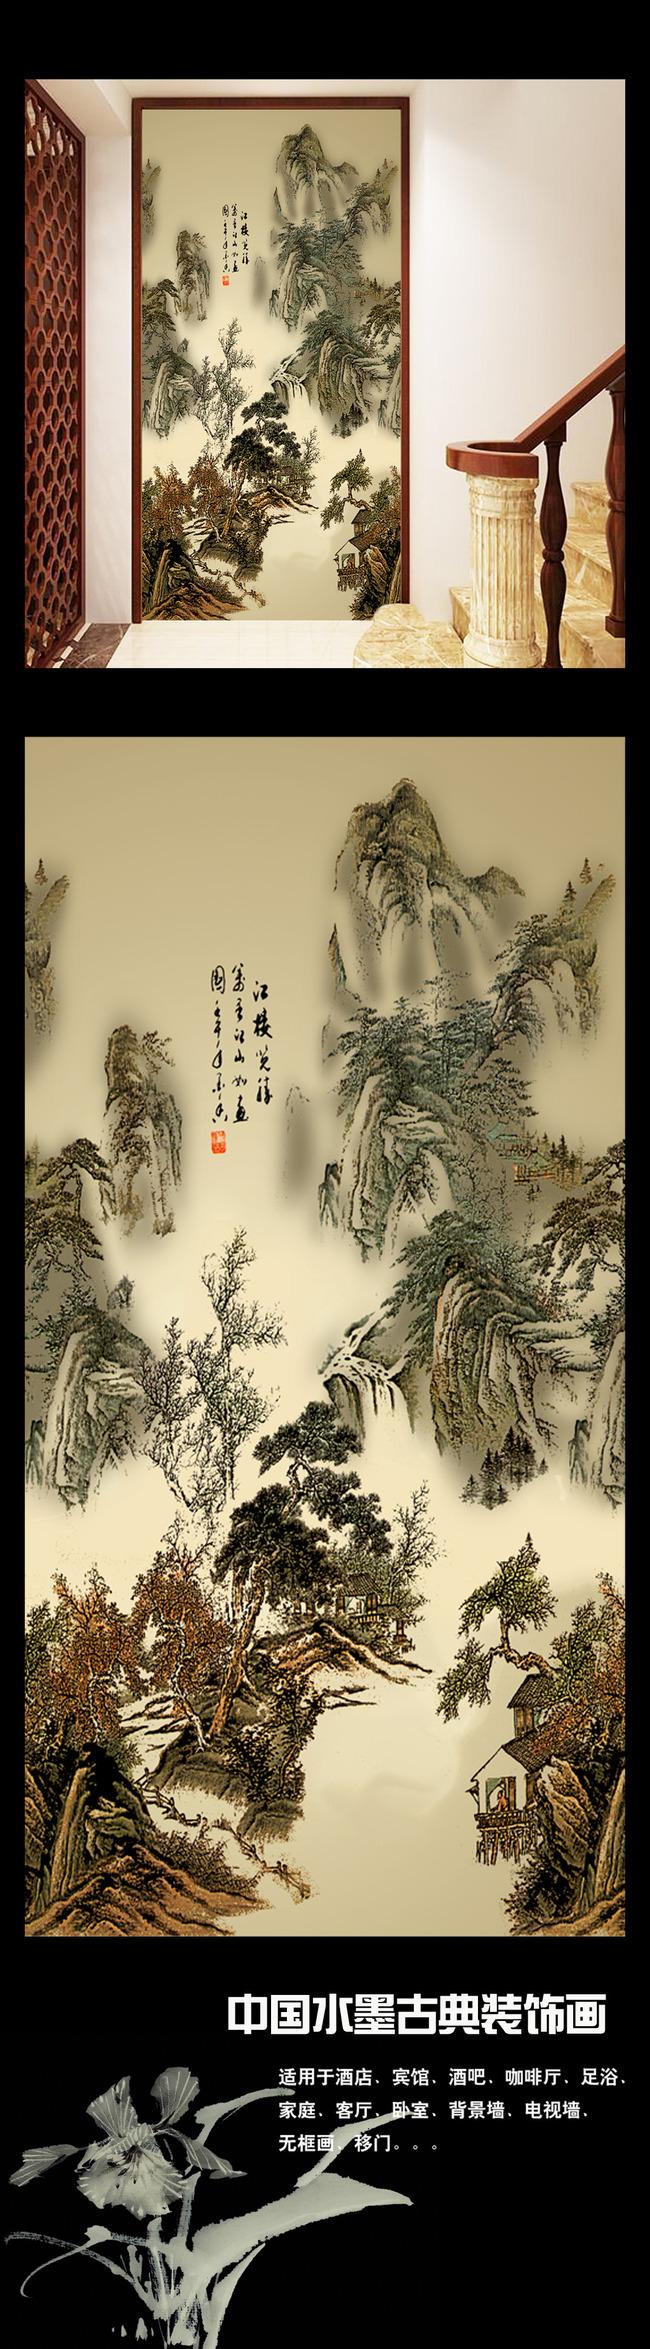 效果图 玄关屏风门厅山水风光画 风景 说明:中式古典风格山水水墨画